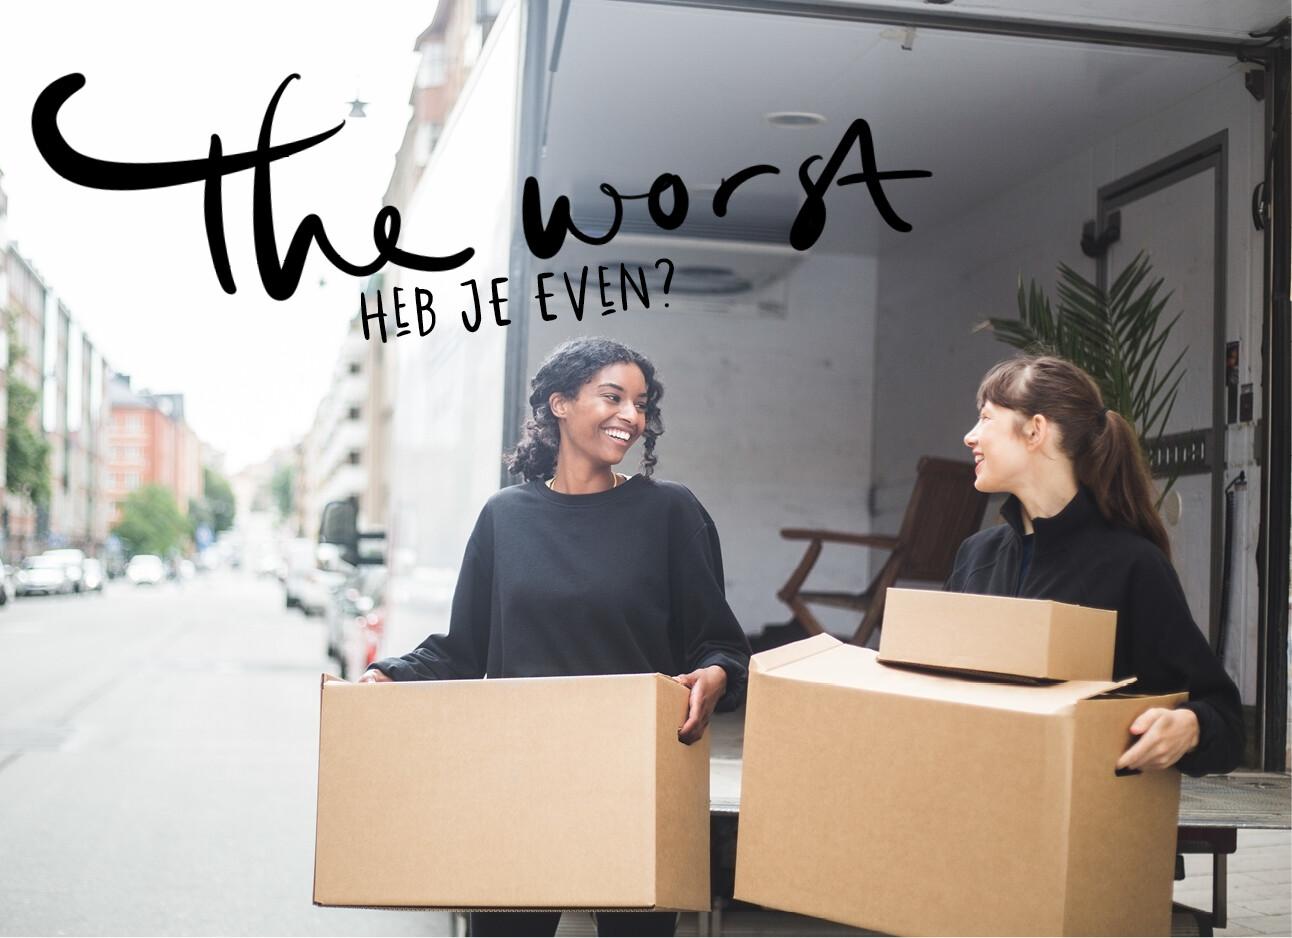 twee vrouwen aan het verhuizen dozen tillen